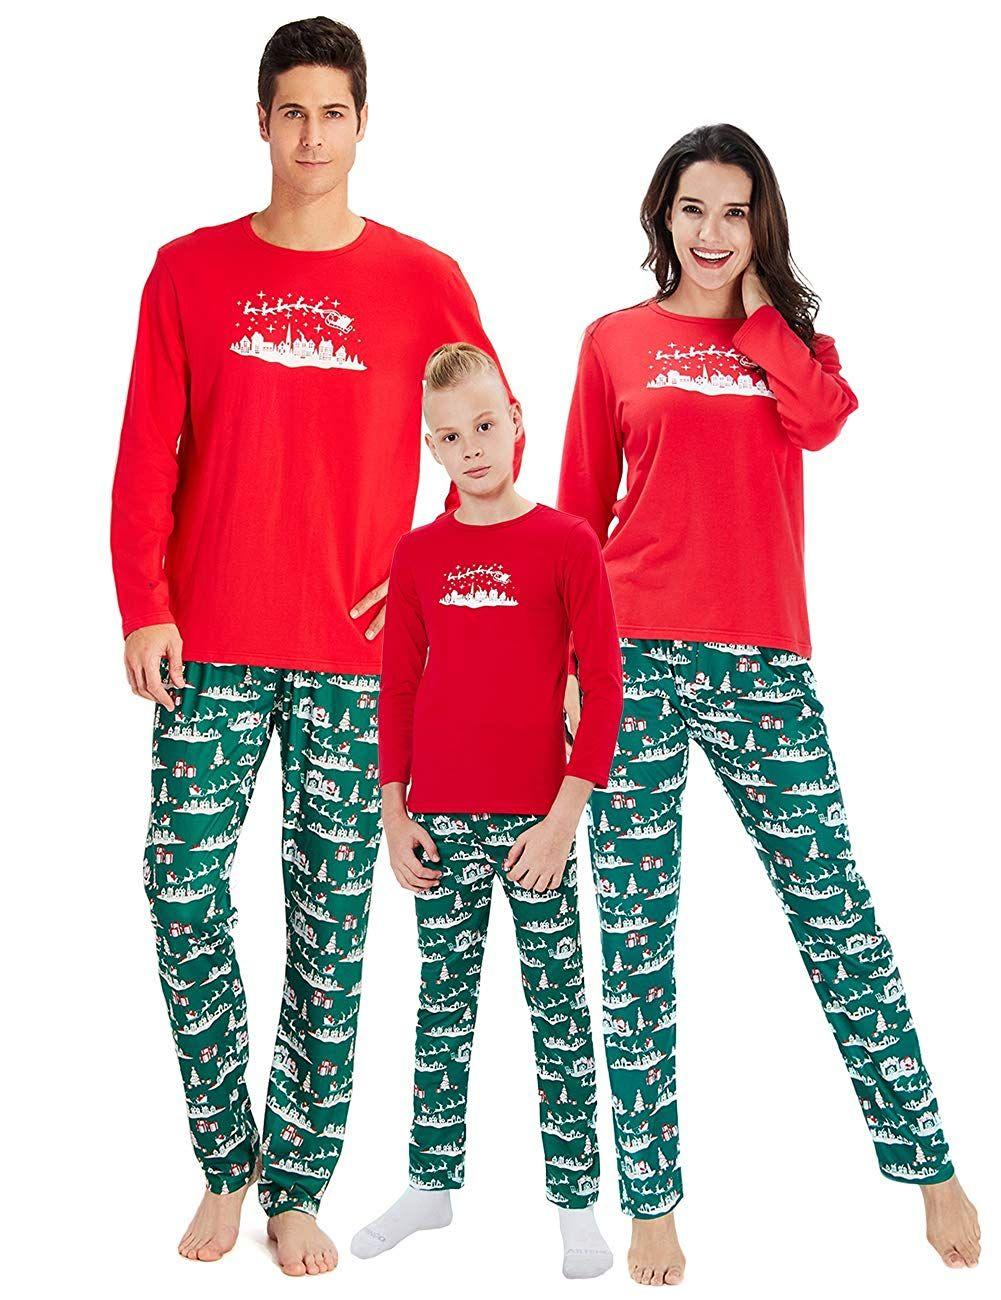 selezione migliore 2027b cb747 Natale in famiglia, i pigiami sono coordinati – Tvzap